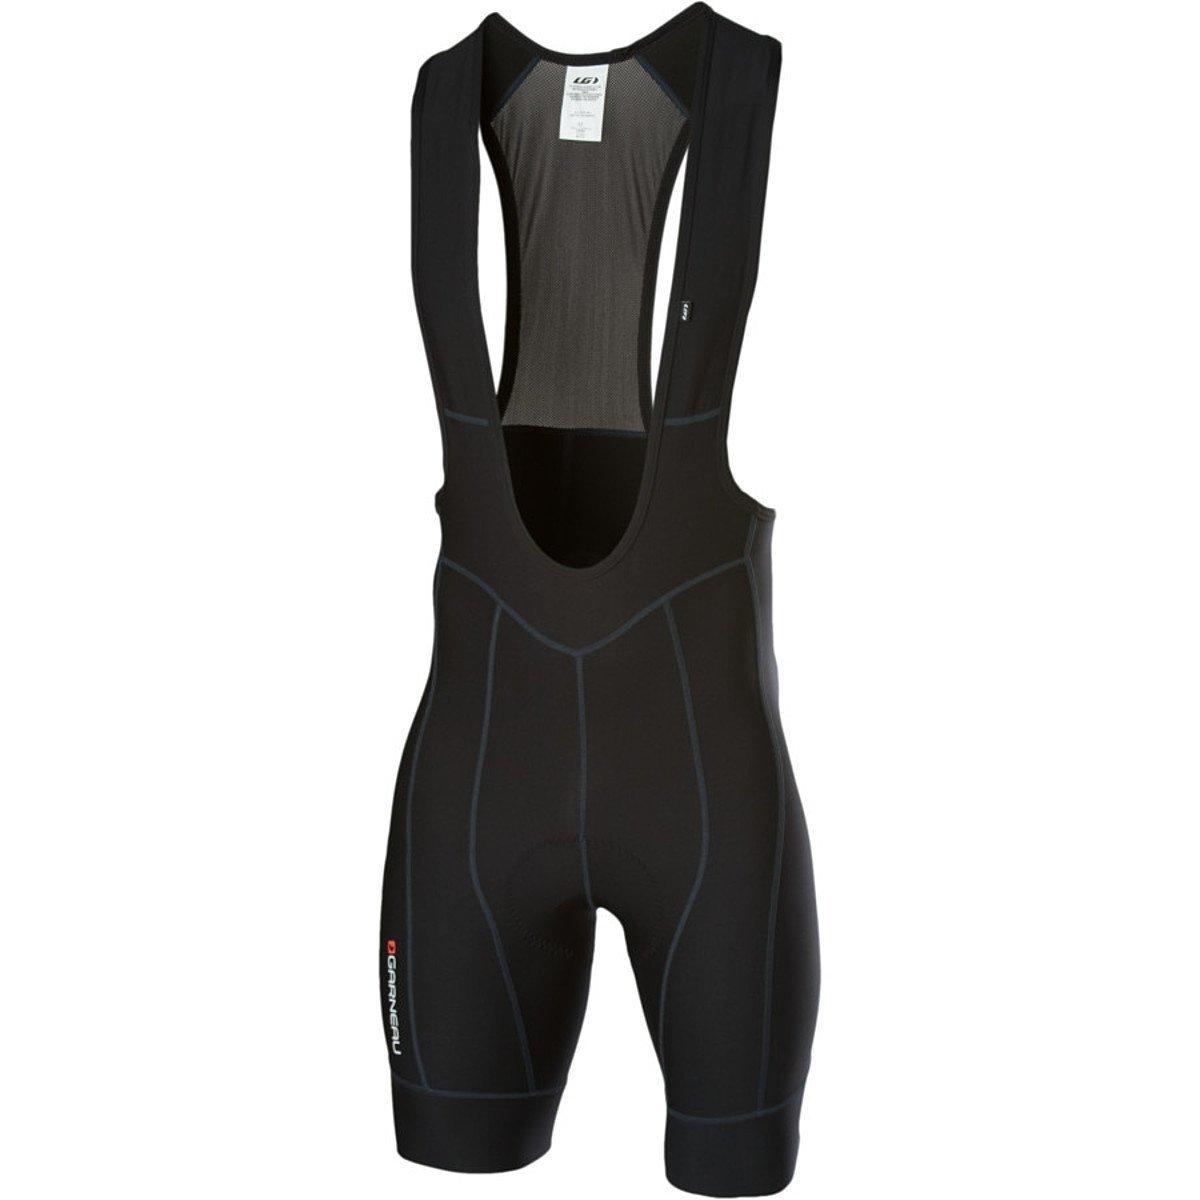 Louis Garneau Herren-Fit Sensor Bib 2 Shorts